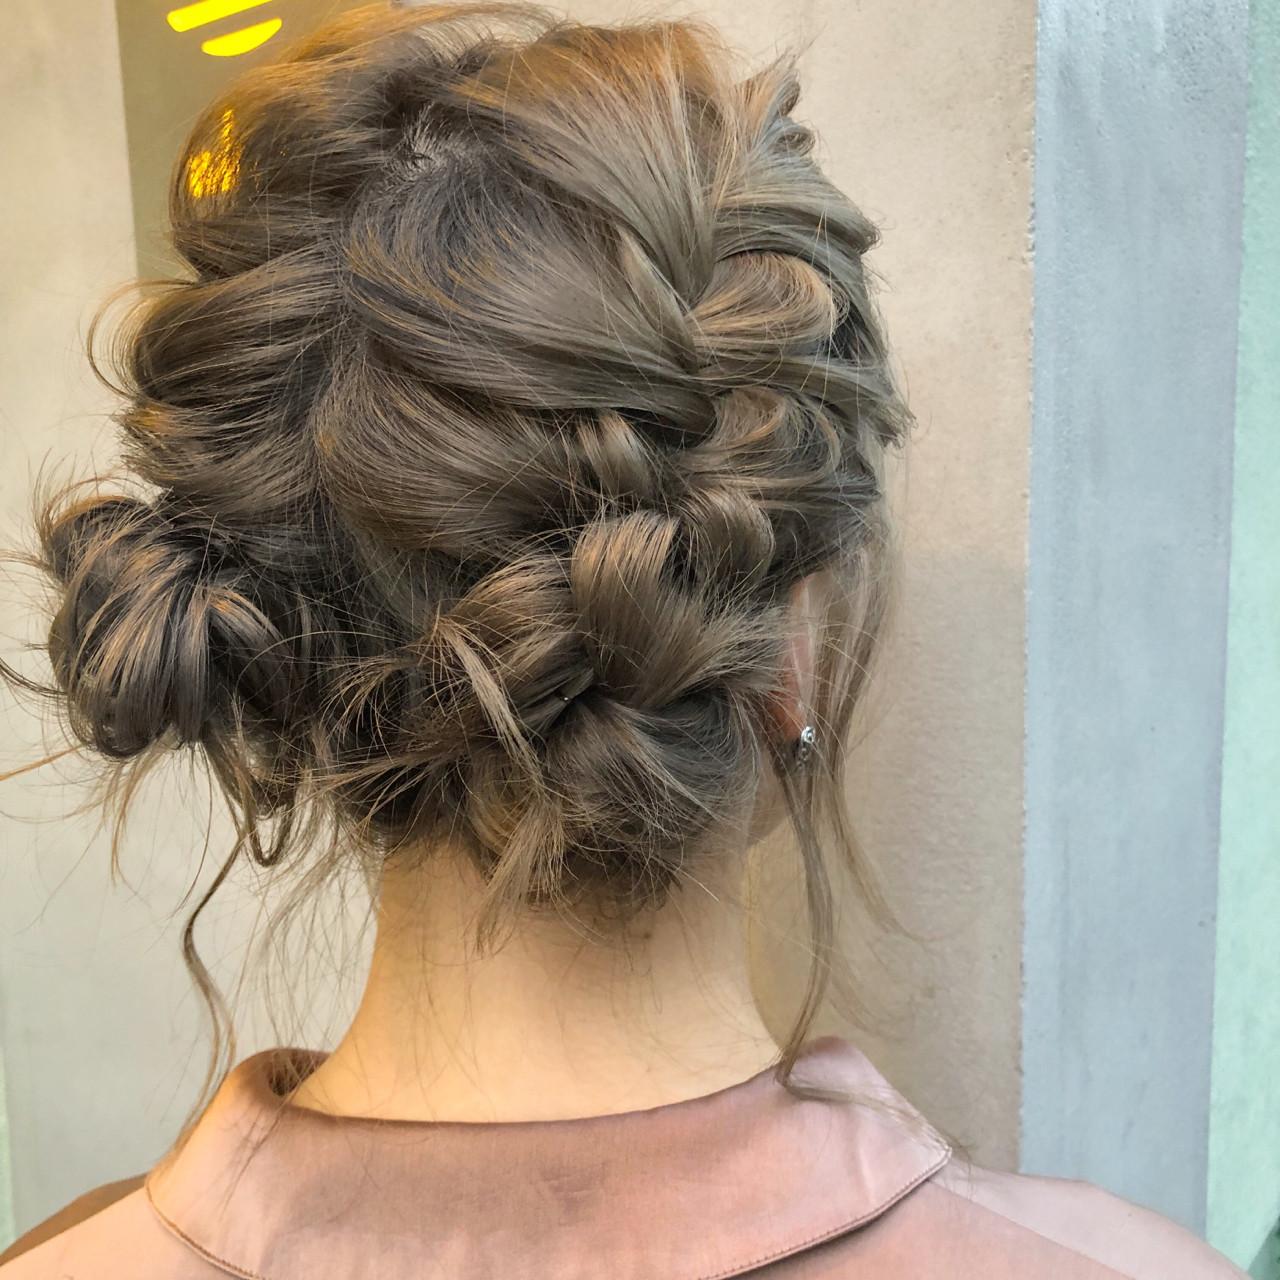 簡単ヘアアレンジ デート ガーリー ヘアアレンジ ヘアスタイルや髪型の写真・画像